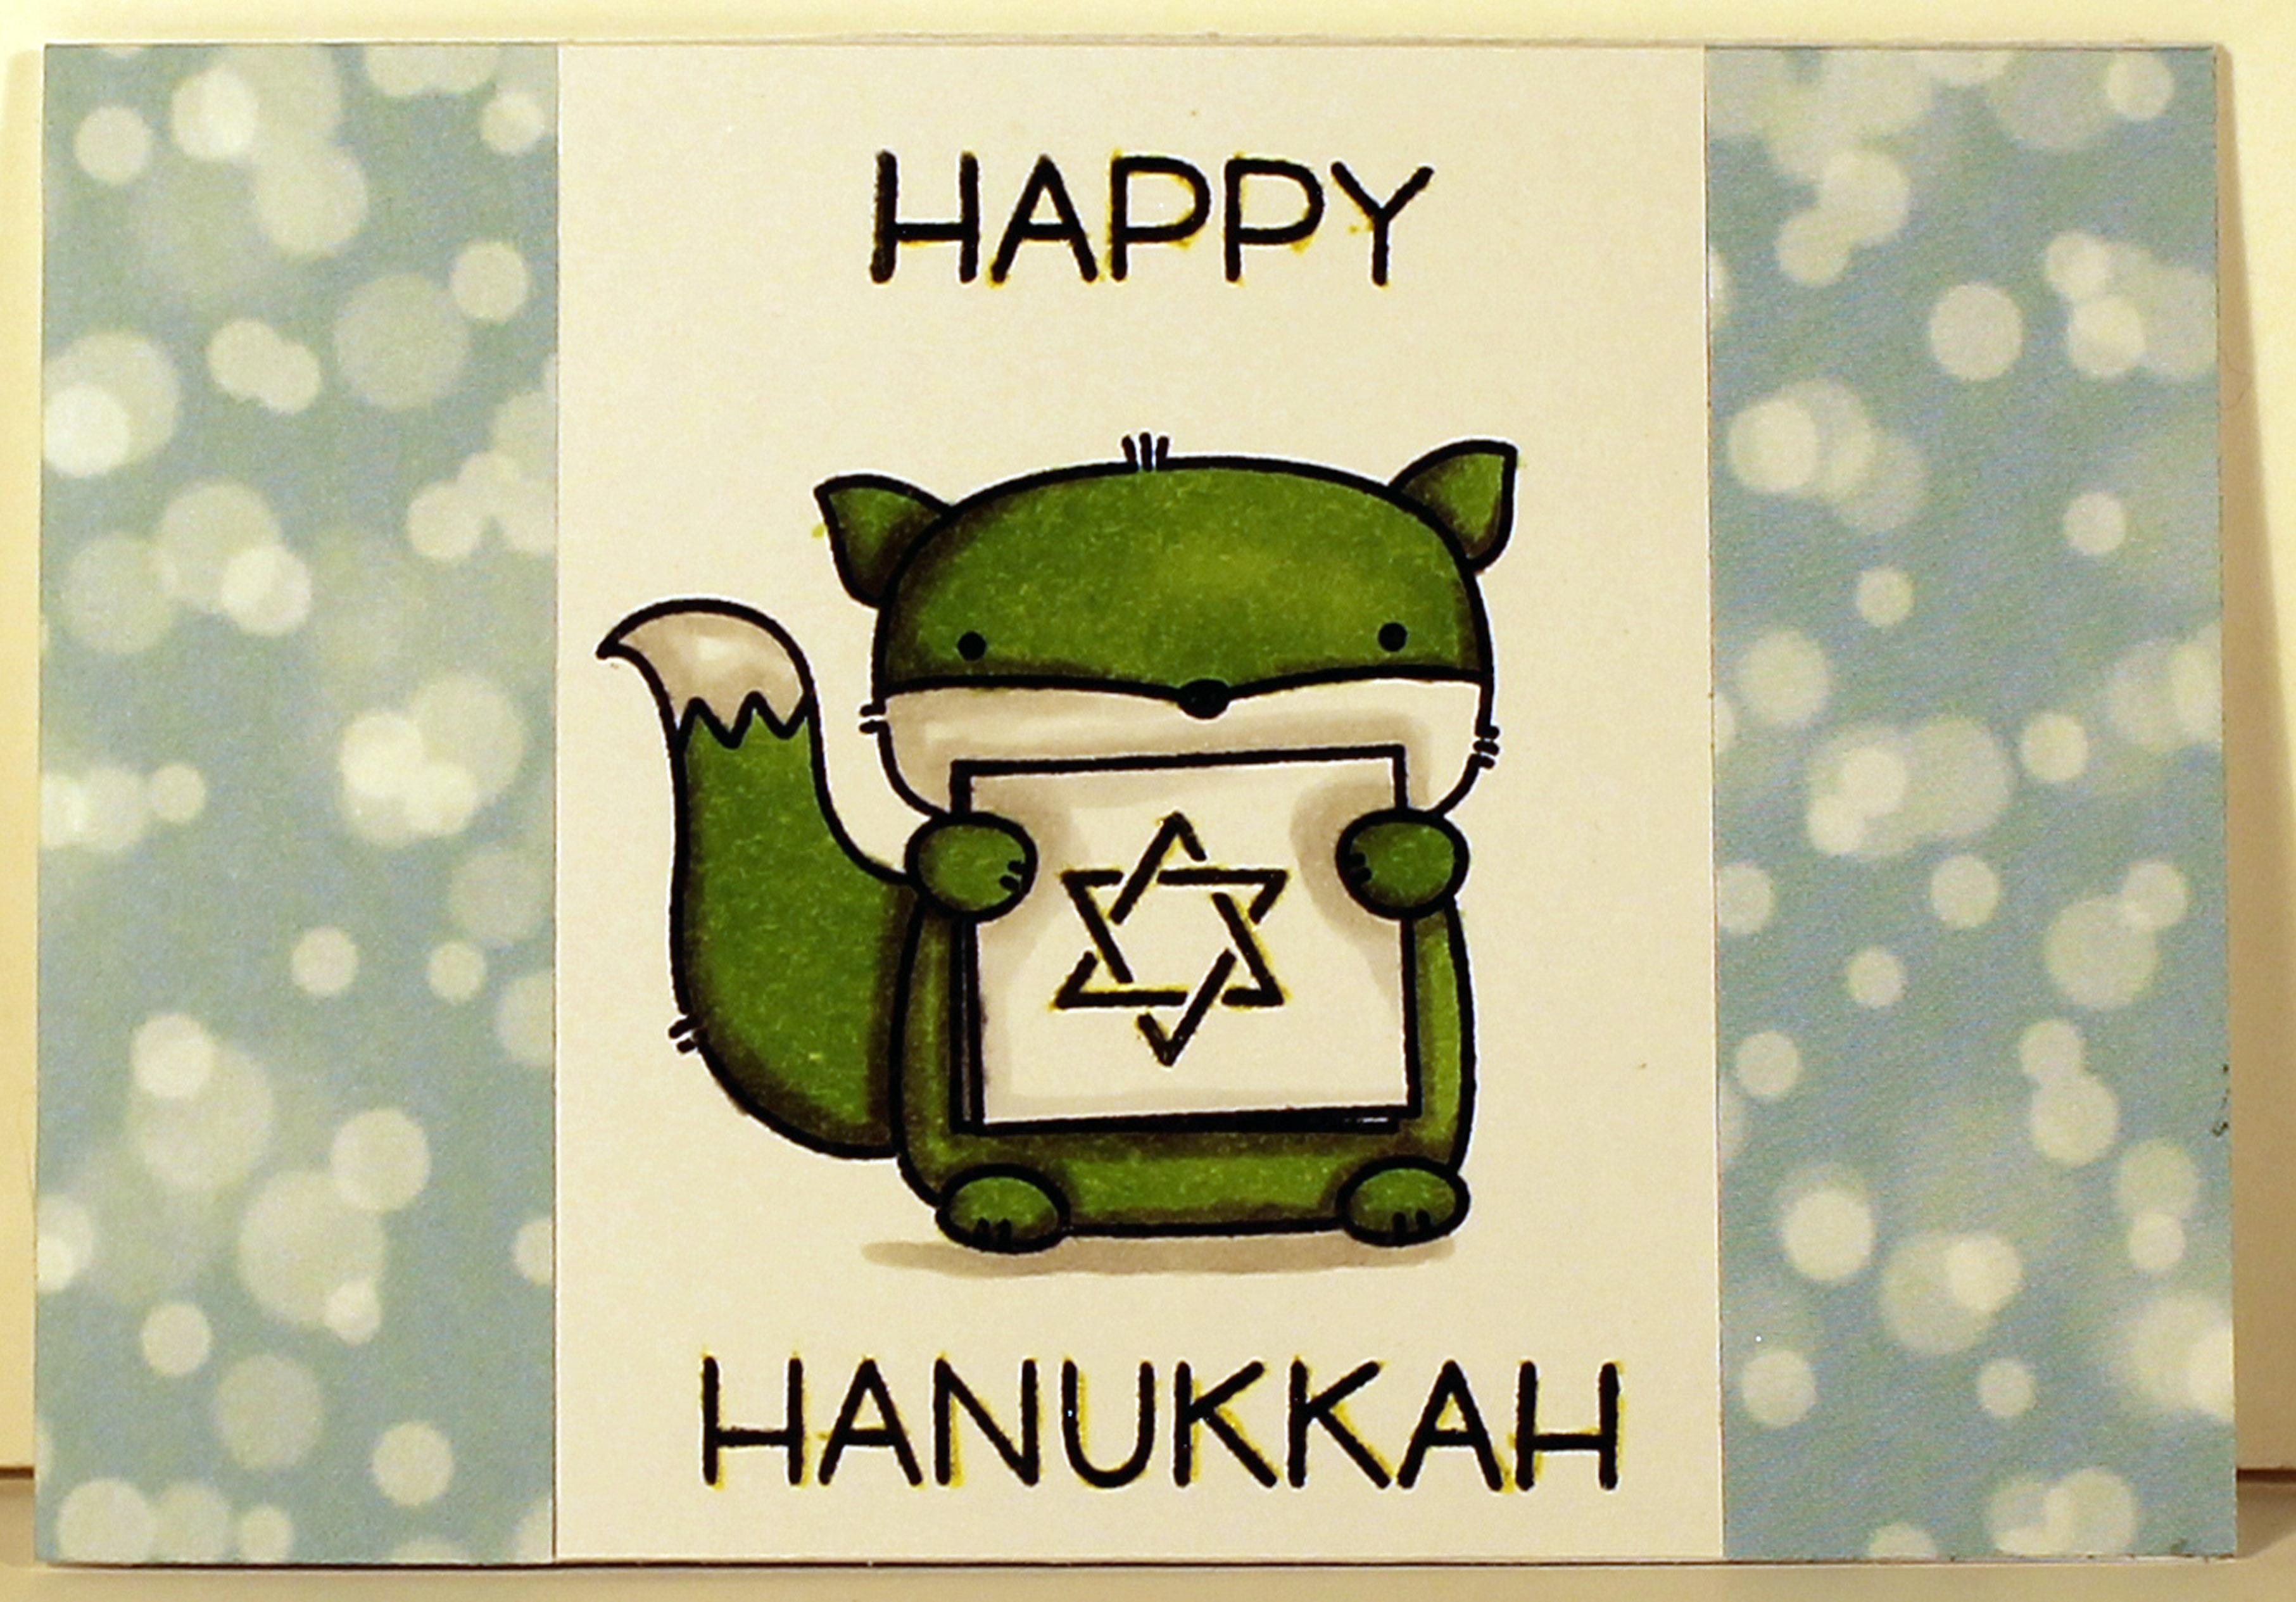 Hanukkah Squirel